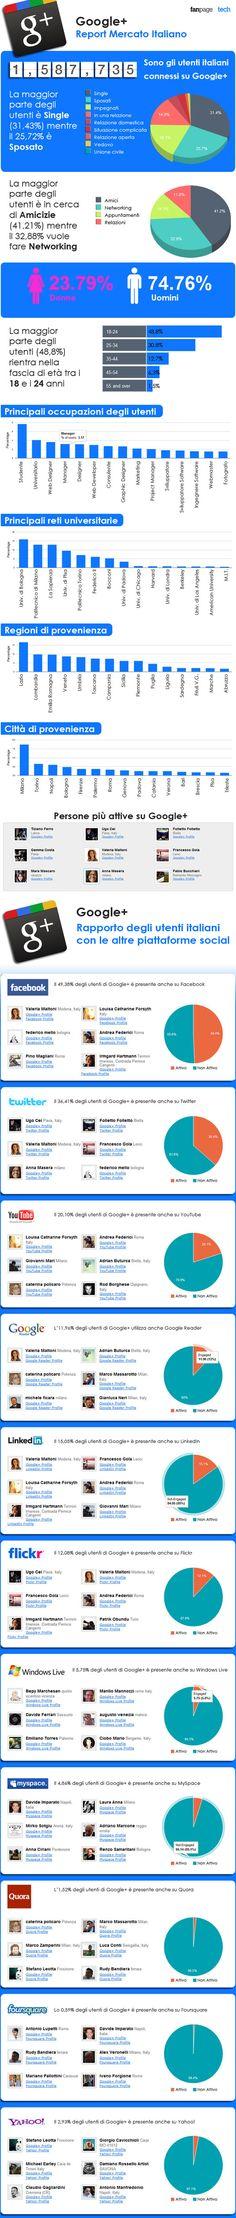 Infografica sull'utilizzo di Google+ in Italia - by Tech Fan page http://tech.fanpage.it/google-infografica-sul-mercato-italiano/